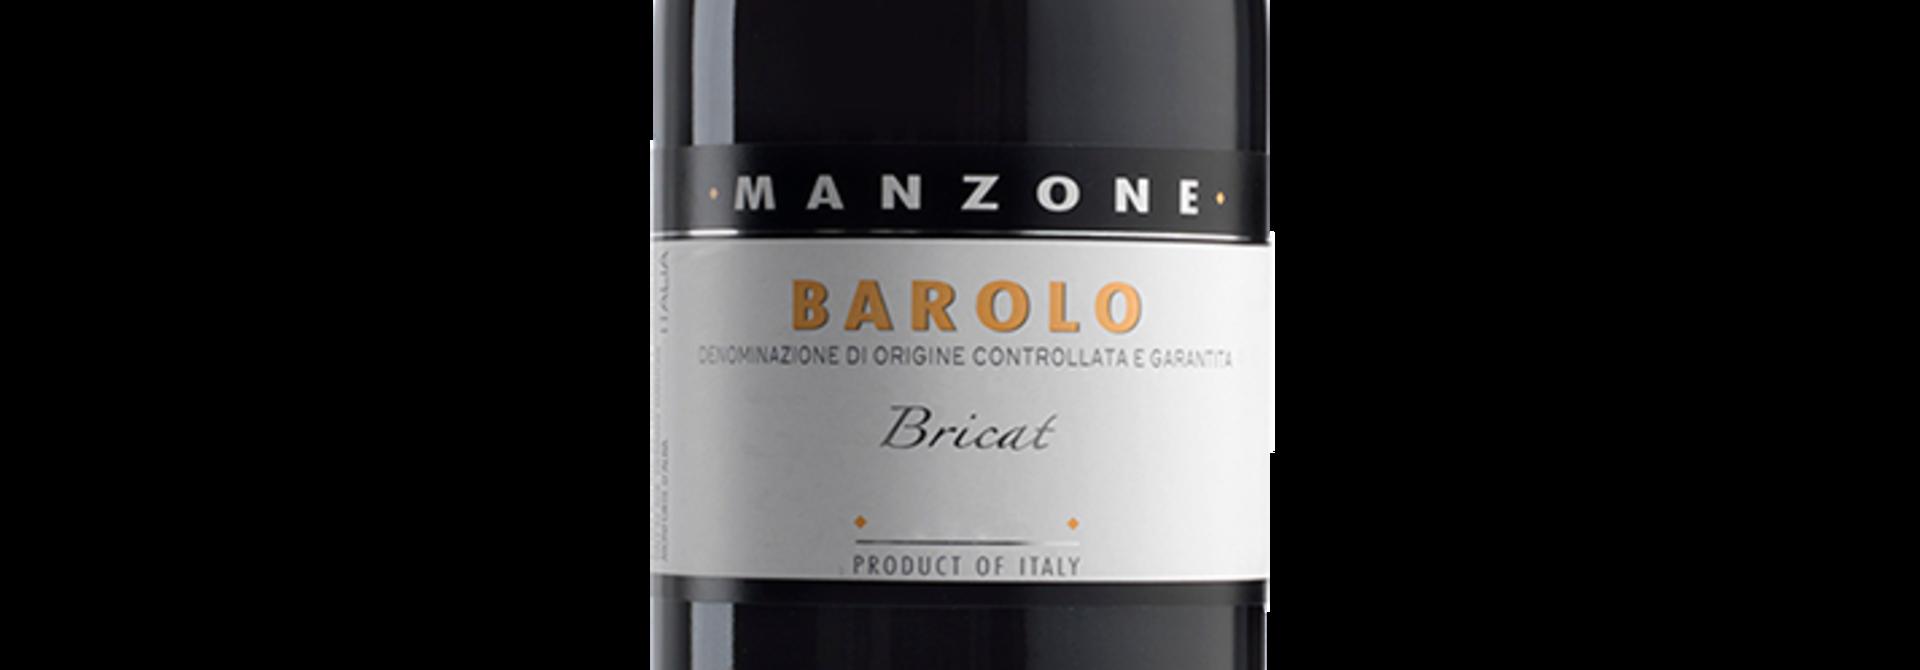 Barolo Bricat 2011, Giovanni Manzone